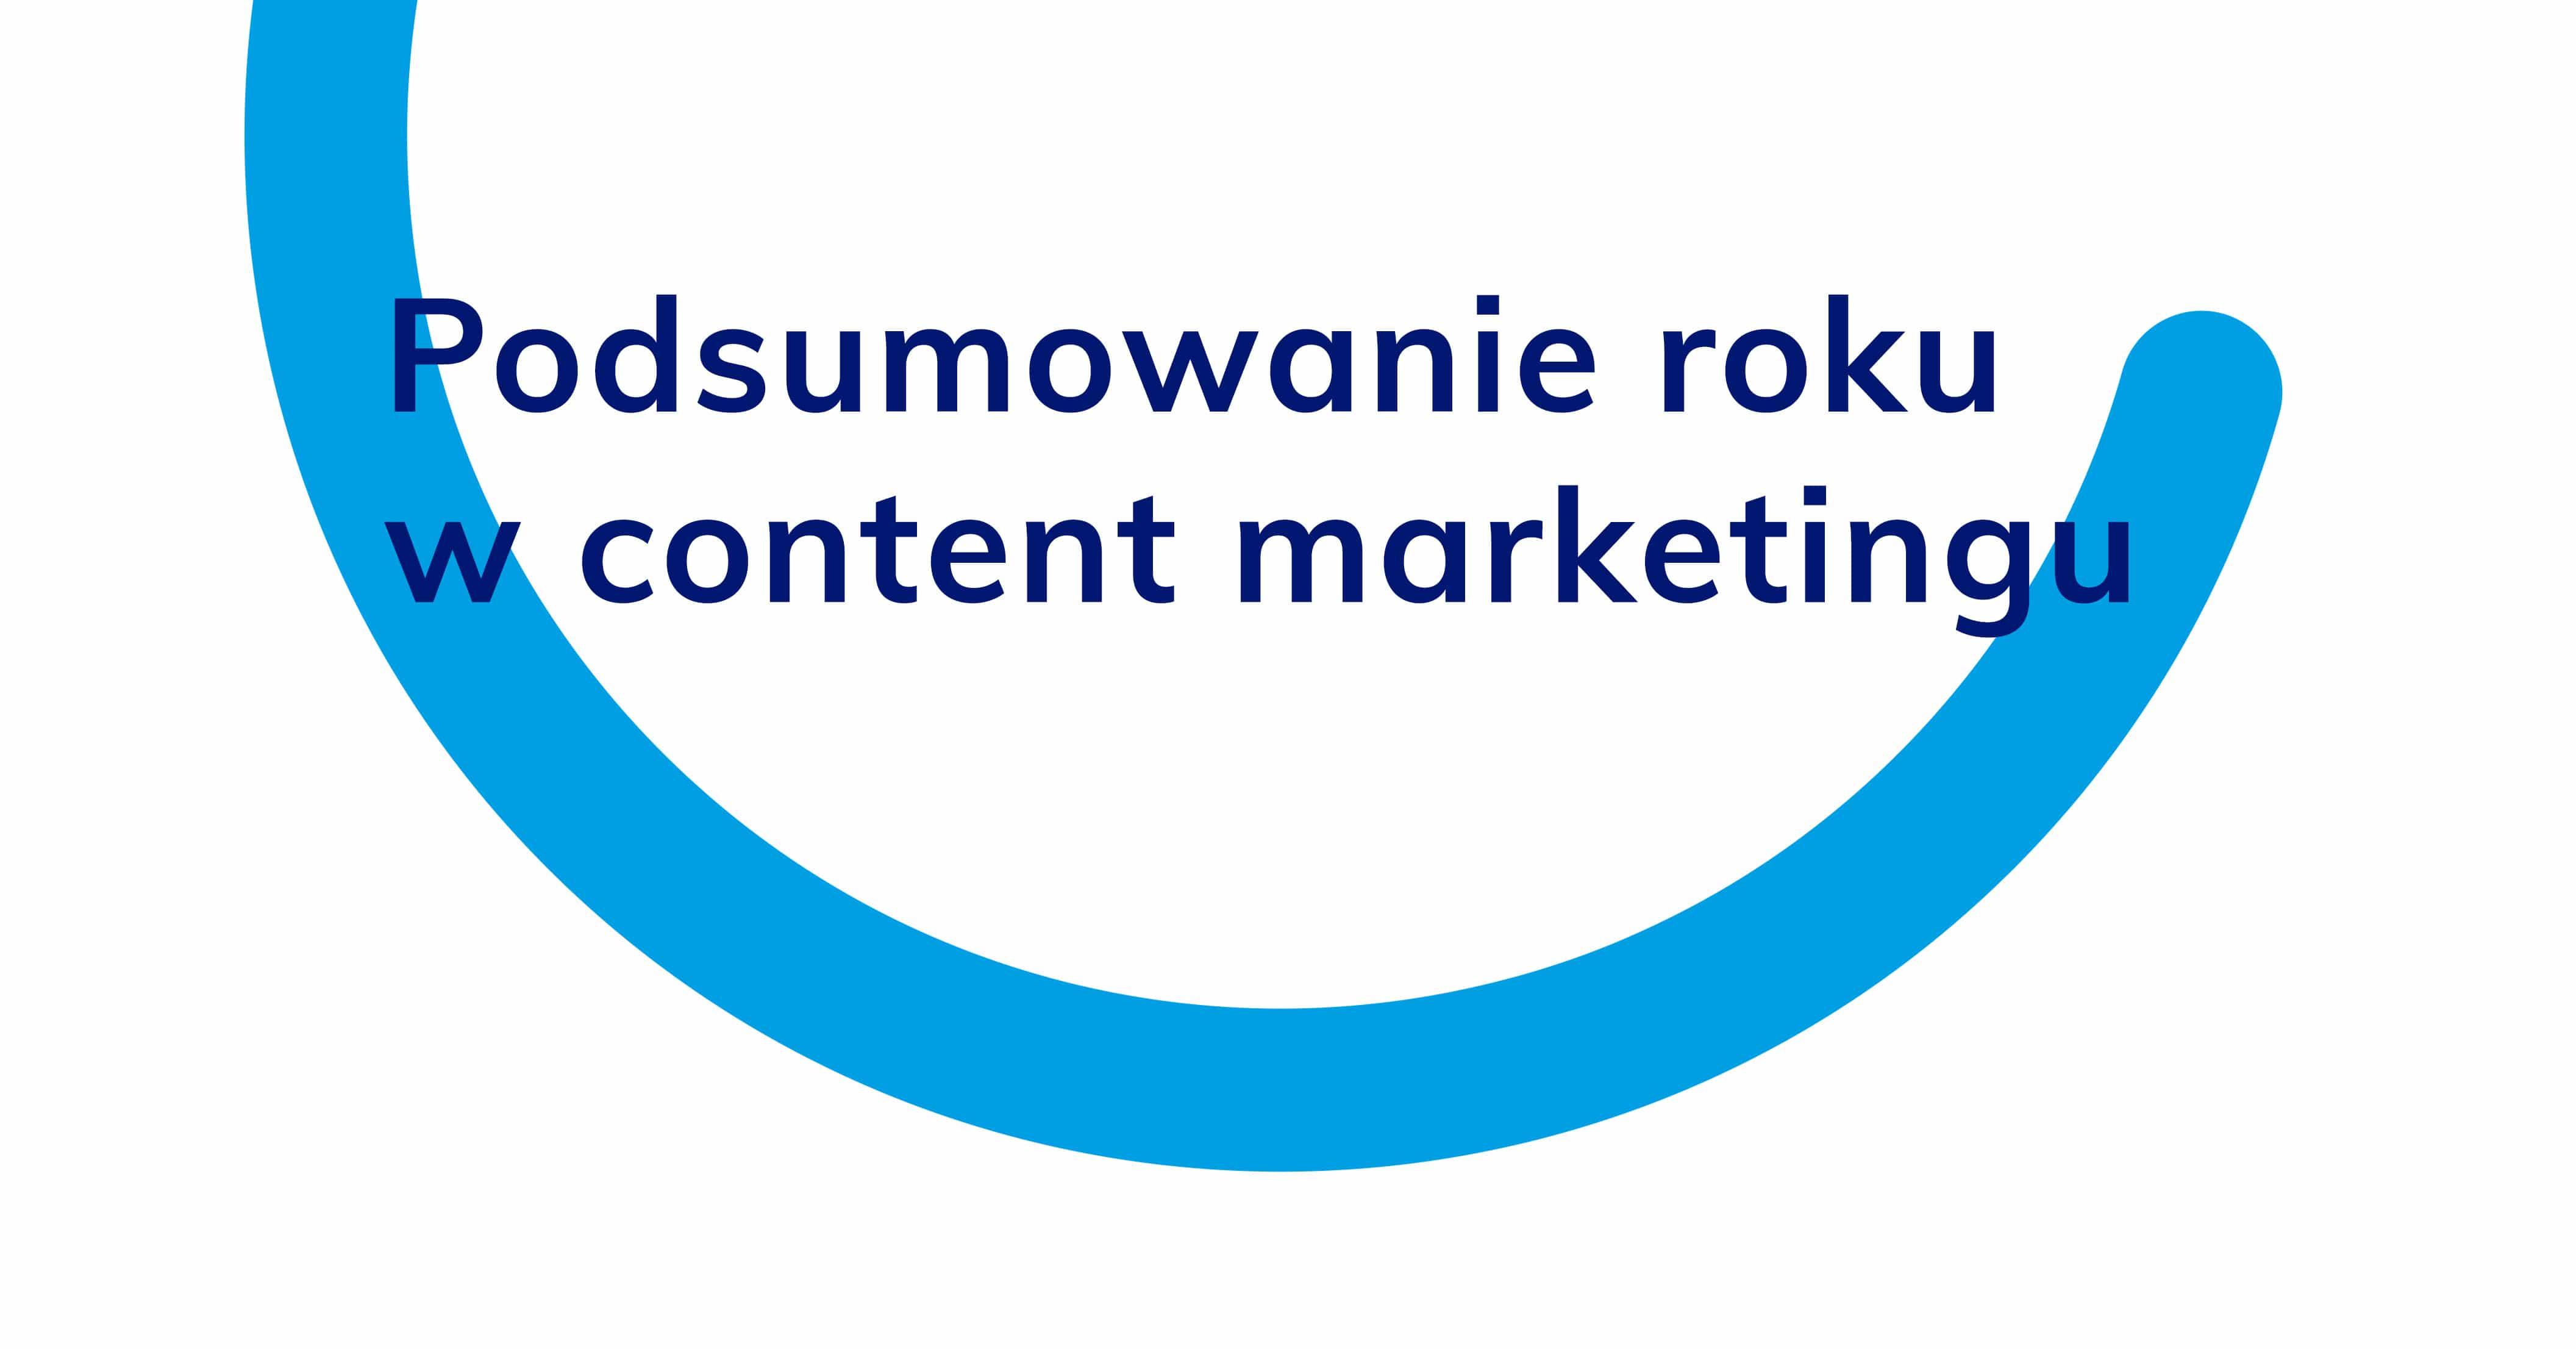 podsumowanie 2019 roku w content marketingu